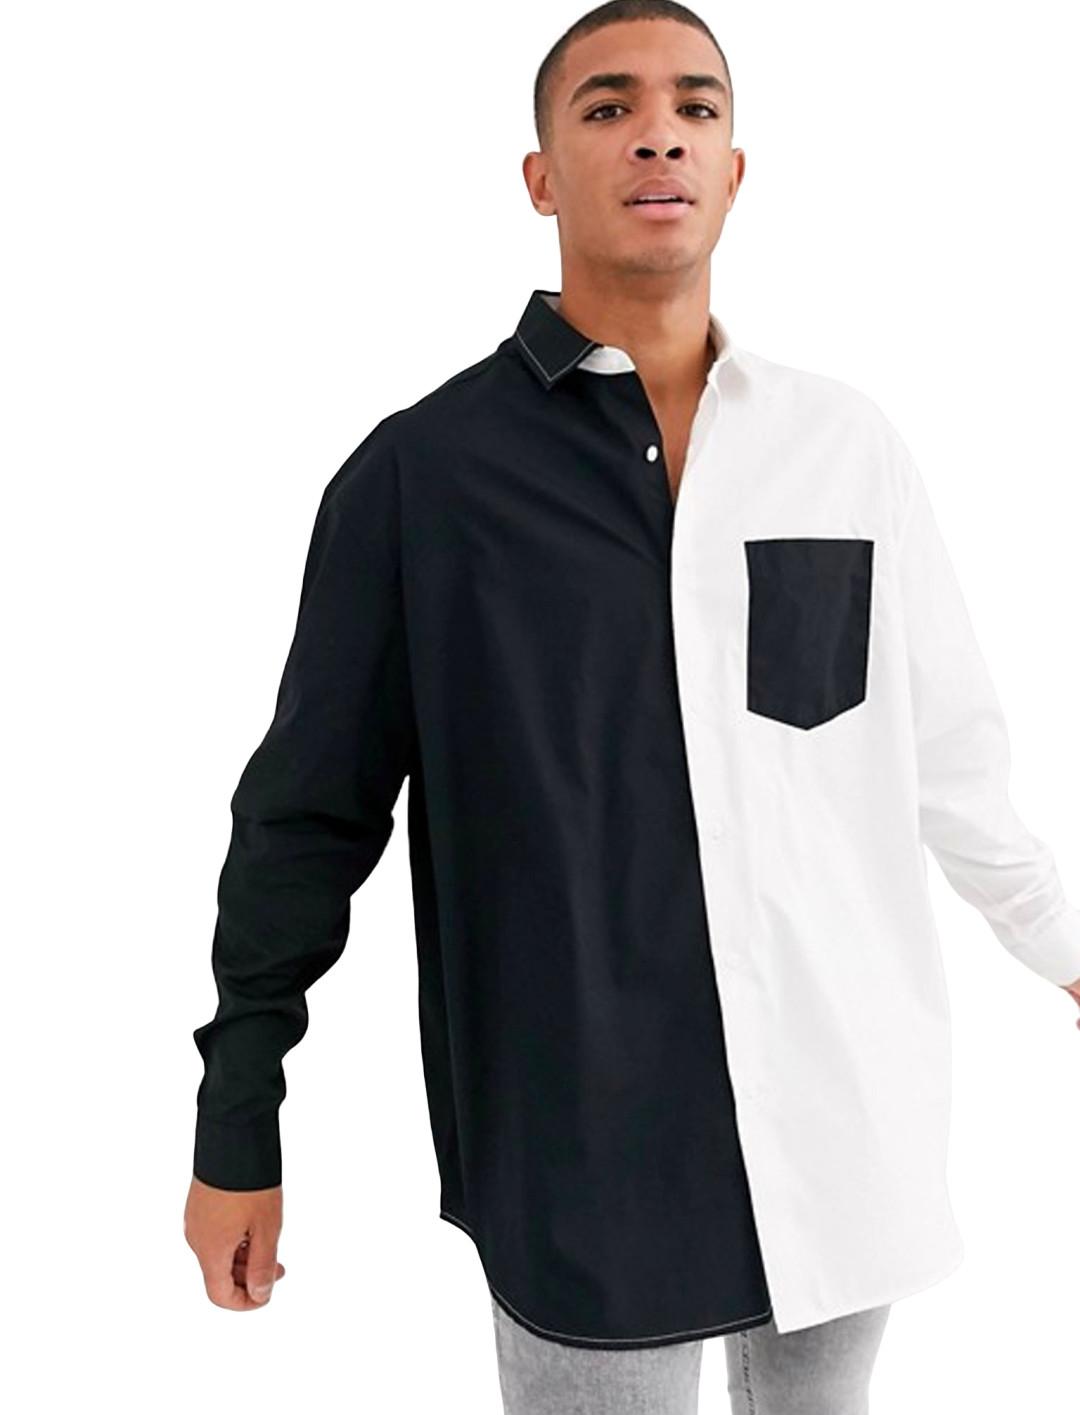 Oversized Shirt Clothing